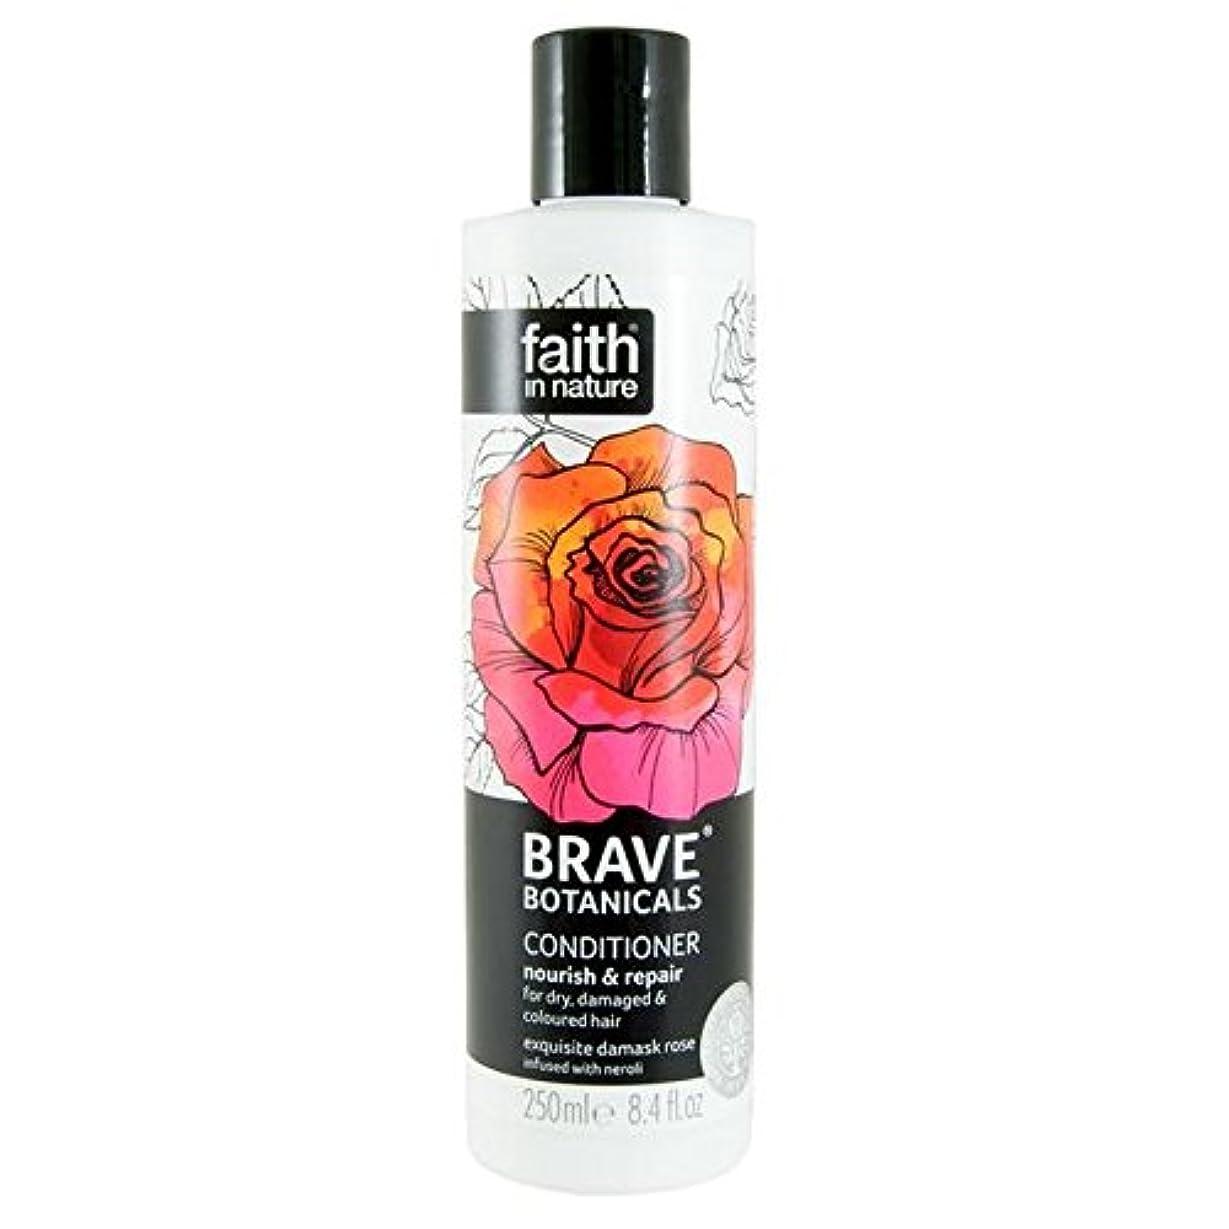 苦痛振るう余韻Brave Botanicals Rose & Neroli Nourish & Repair Conditioner 250ml - (Faith In Nature) 勇敢な植物は、ローズ&ネロリは養う&リペアコンディショナー...